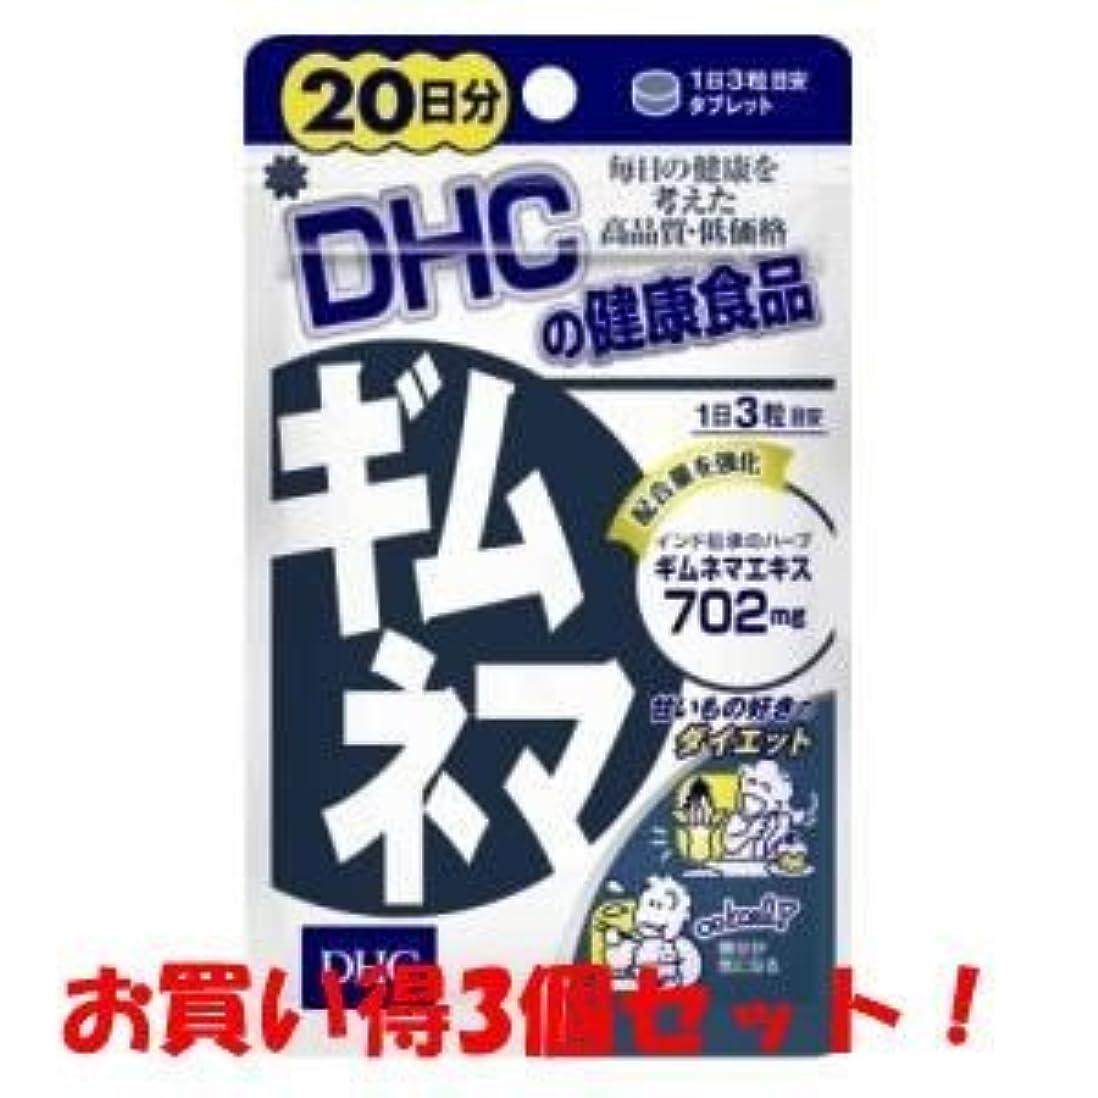 カウンタ台風守銭奴DHC ギムネマ 20日分 60粒(お買い得3個セット)